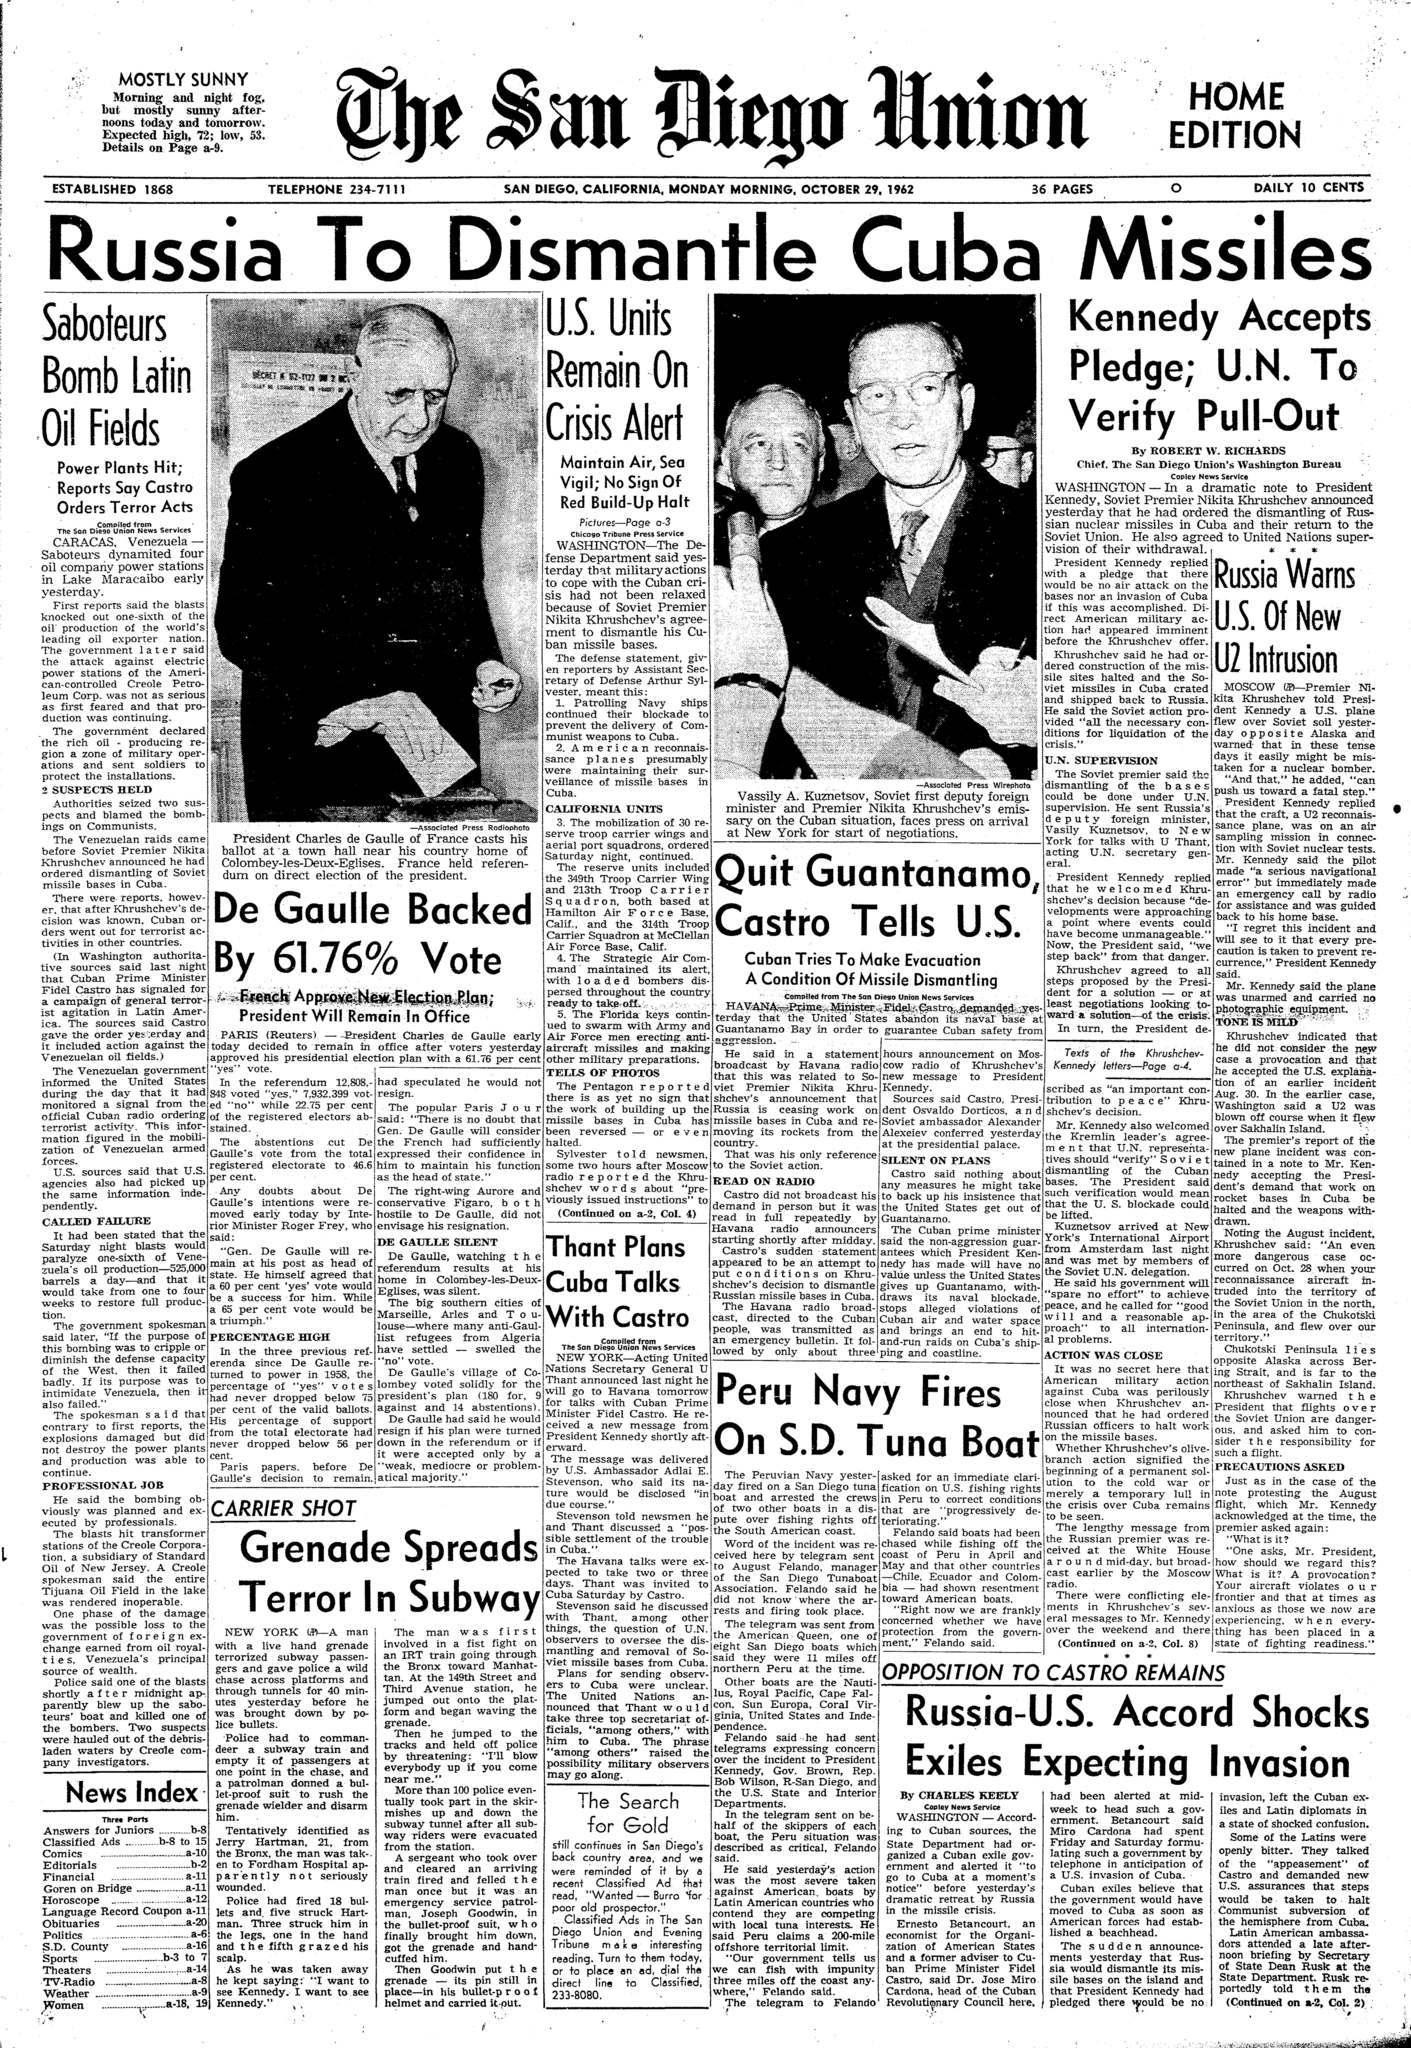 October 29, 1962